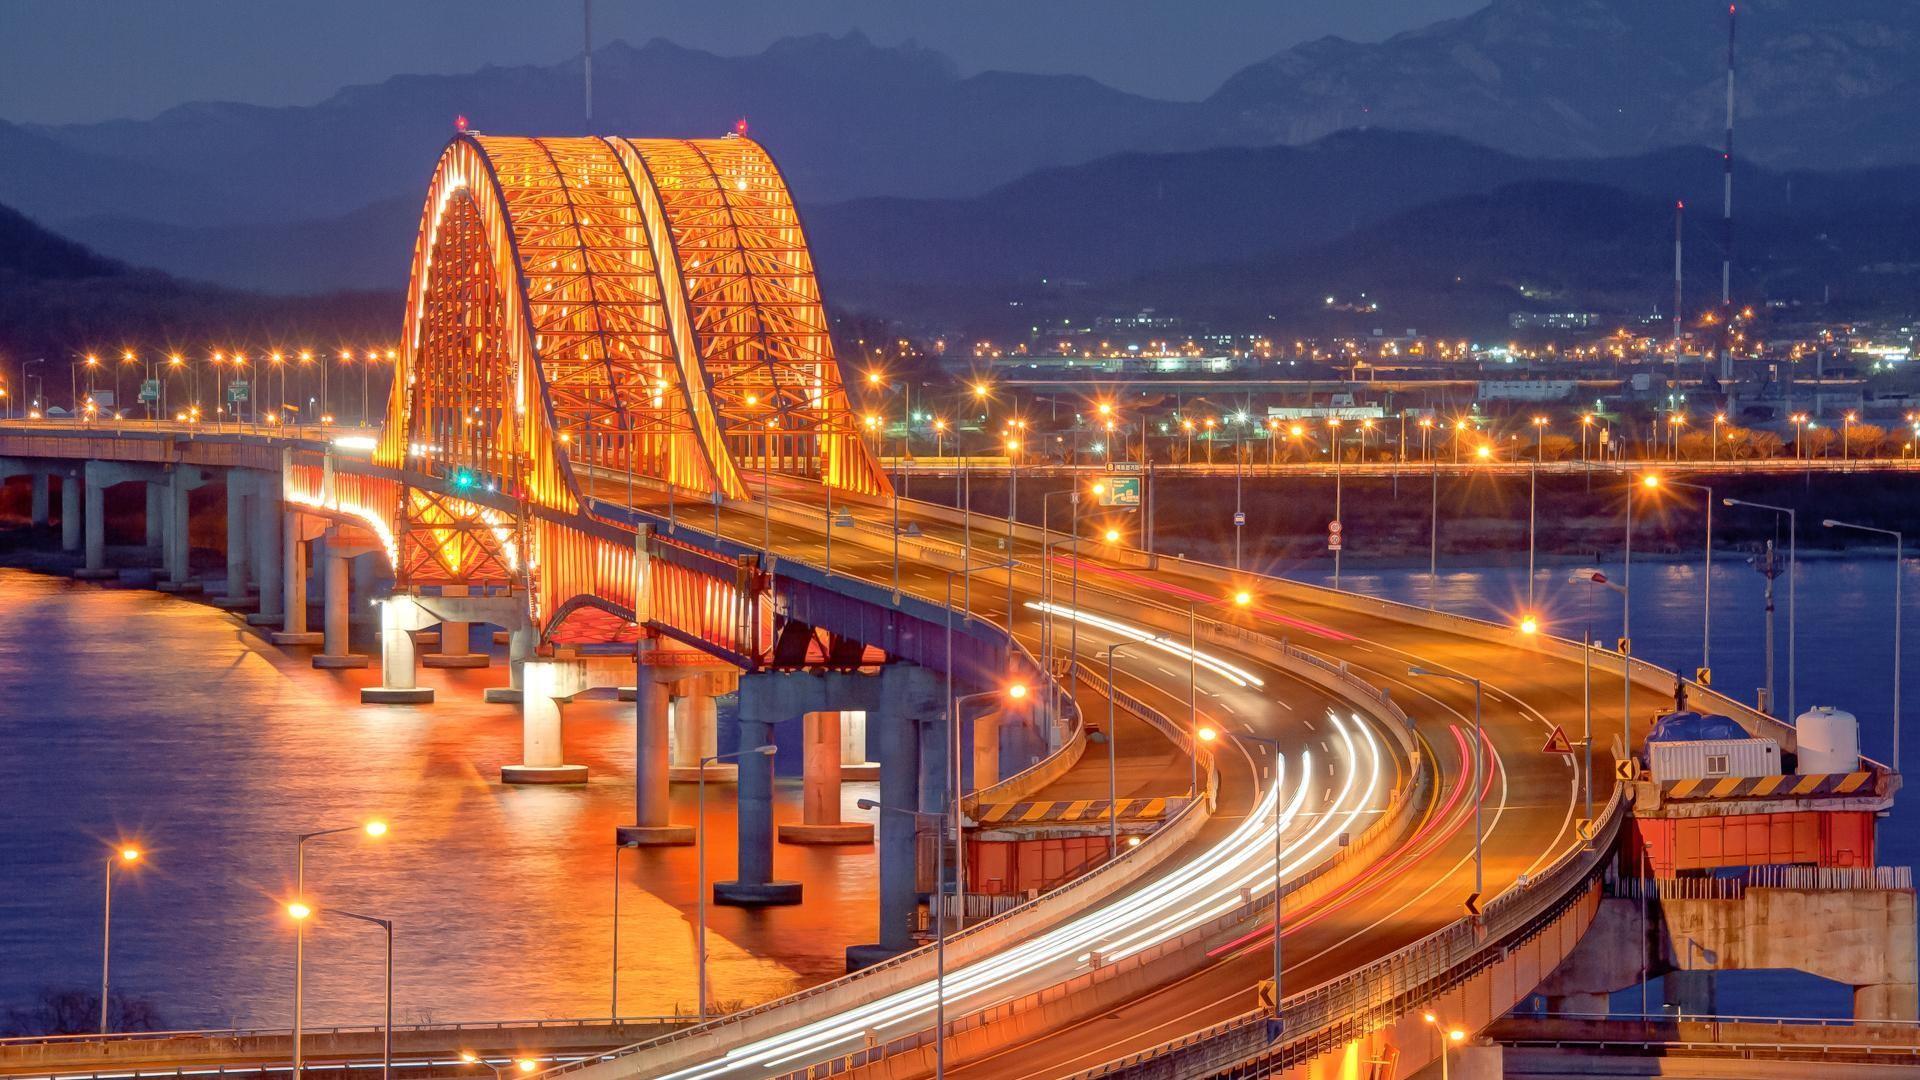 صور صور عن كوريا , الاماكن التى توجد بكوريا